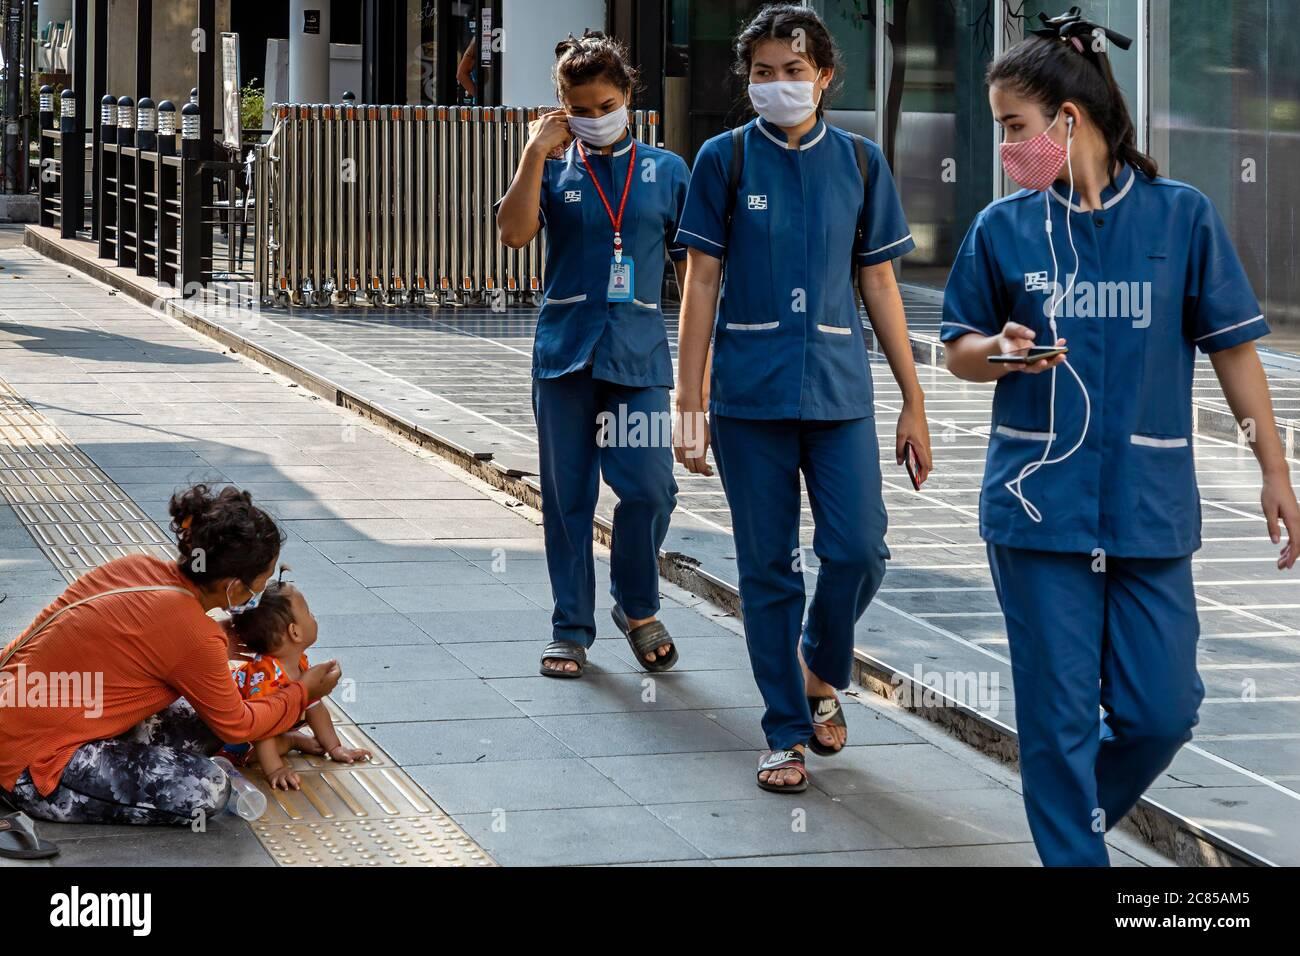 Femme avec bébé demandant de l'argent pendant la pandémie Covid 19, Bangkok, Thaïlande Banque D'Images